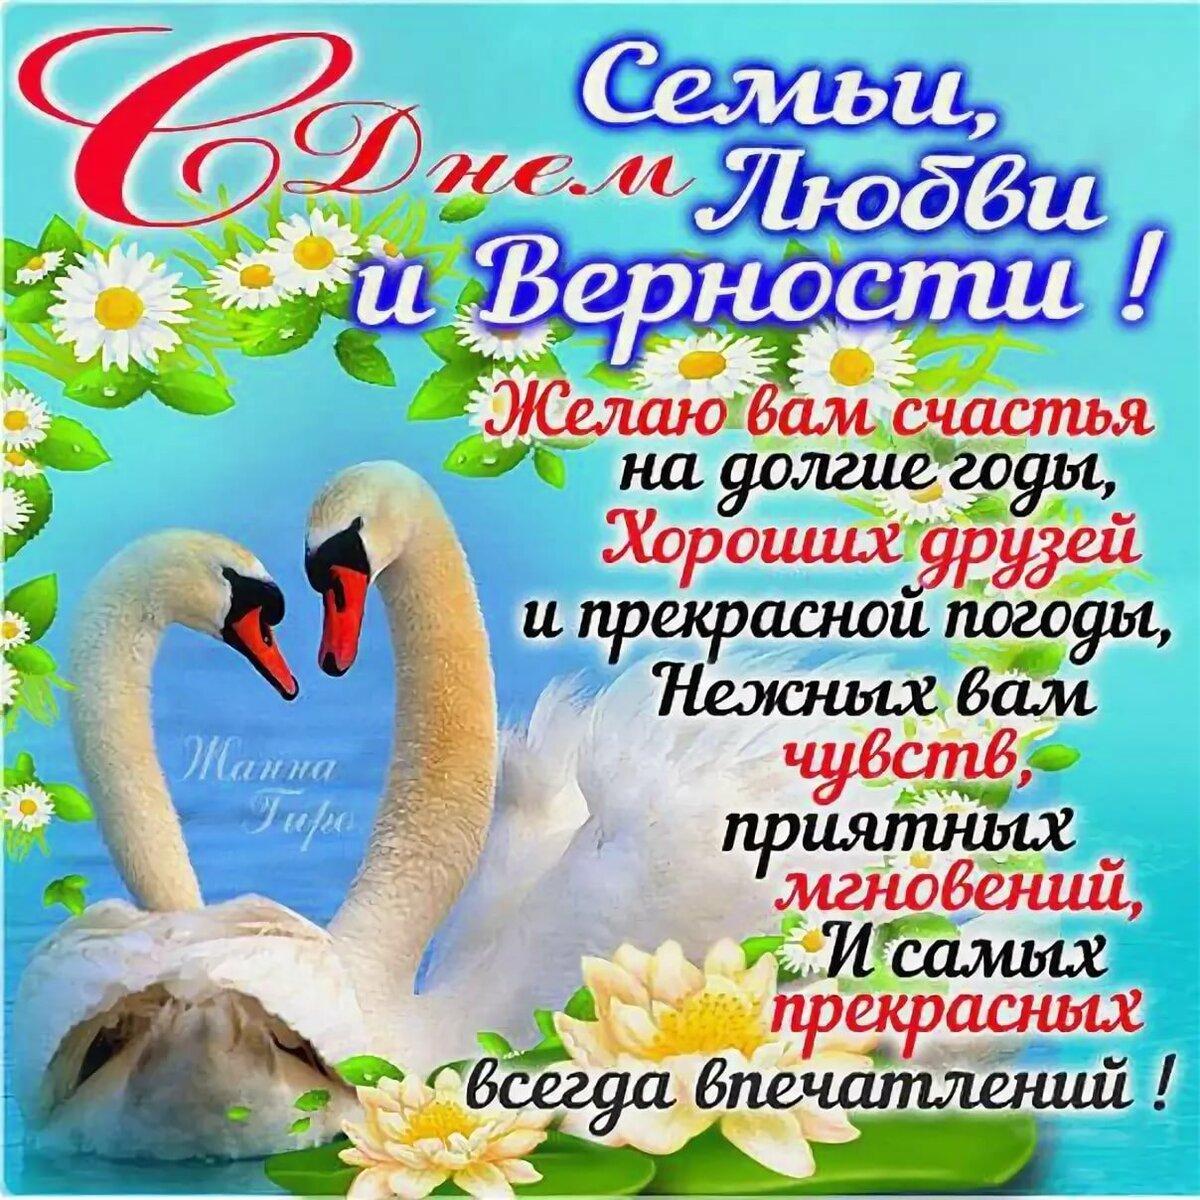 Поздравление с днем семьи любви и верности от родителей